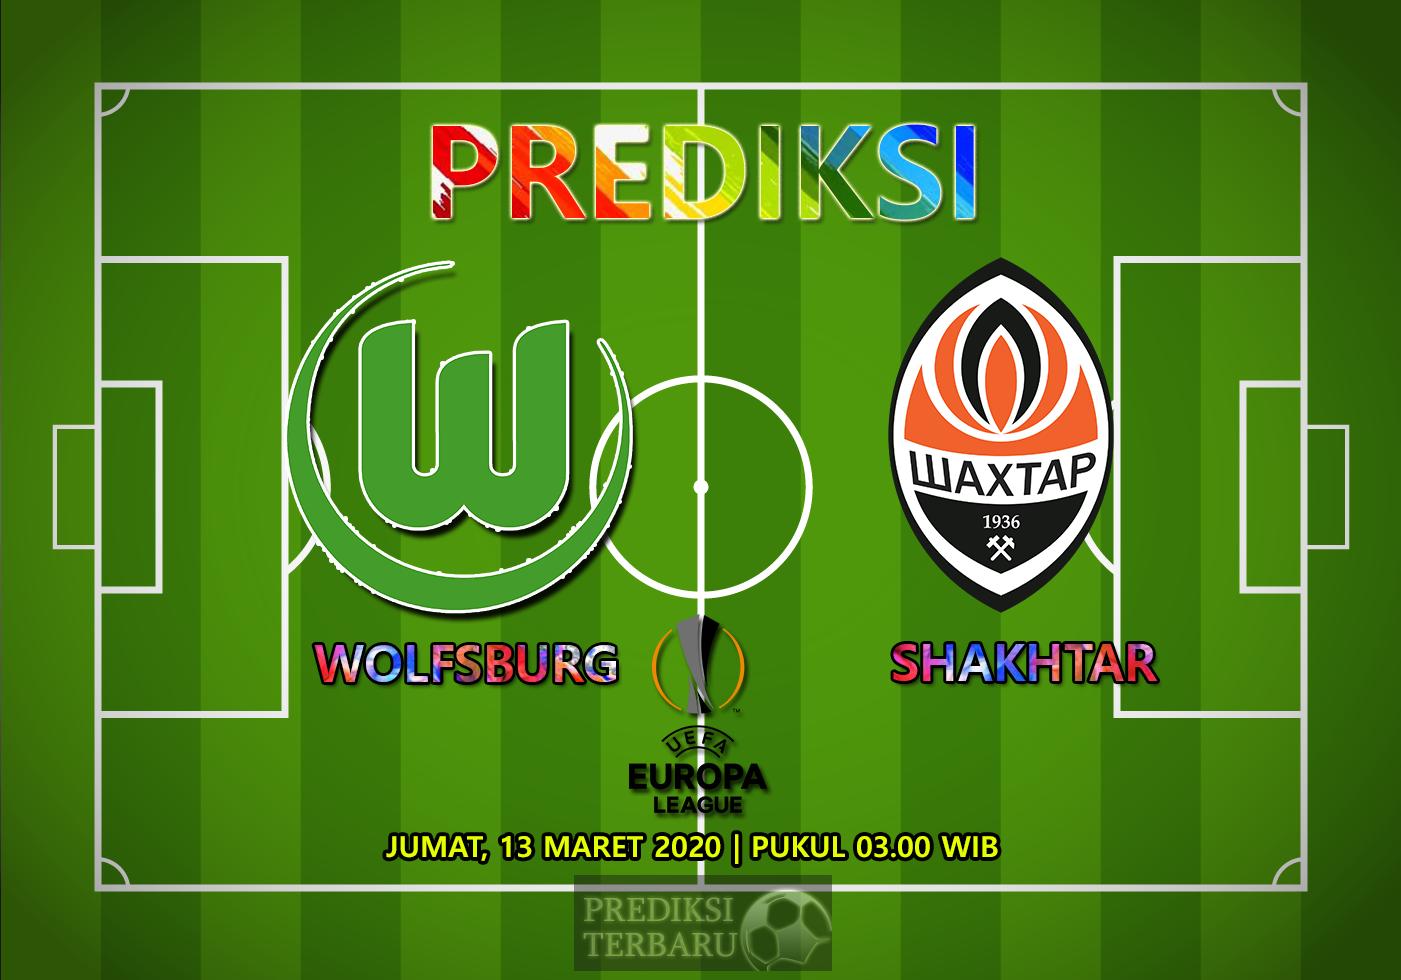 Prediksi Wolfsburg Vs Shakhtar Donetsk Jumat 13 Maret